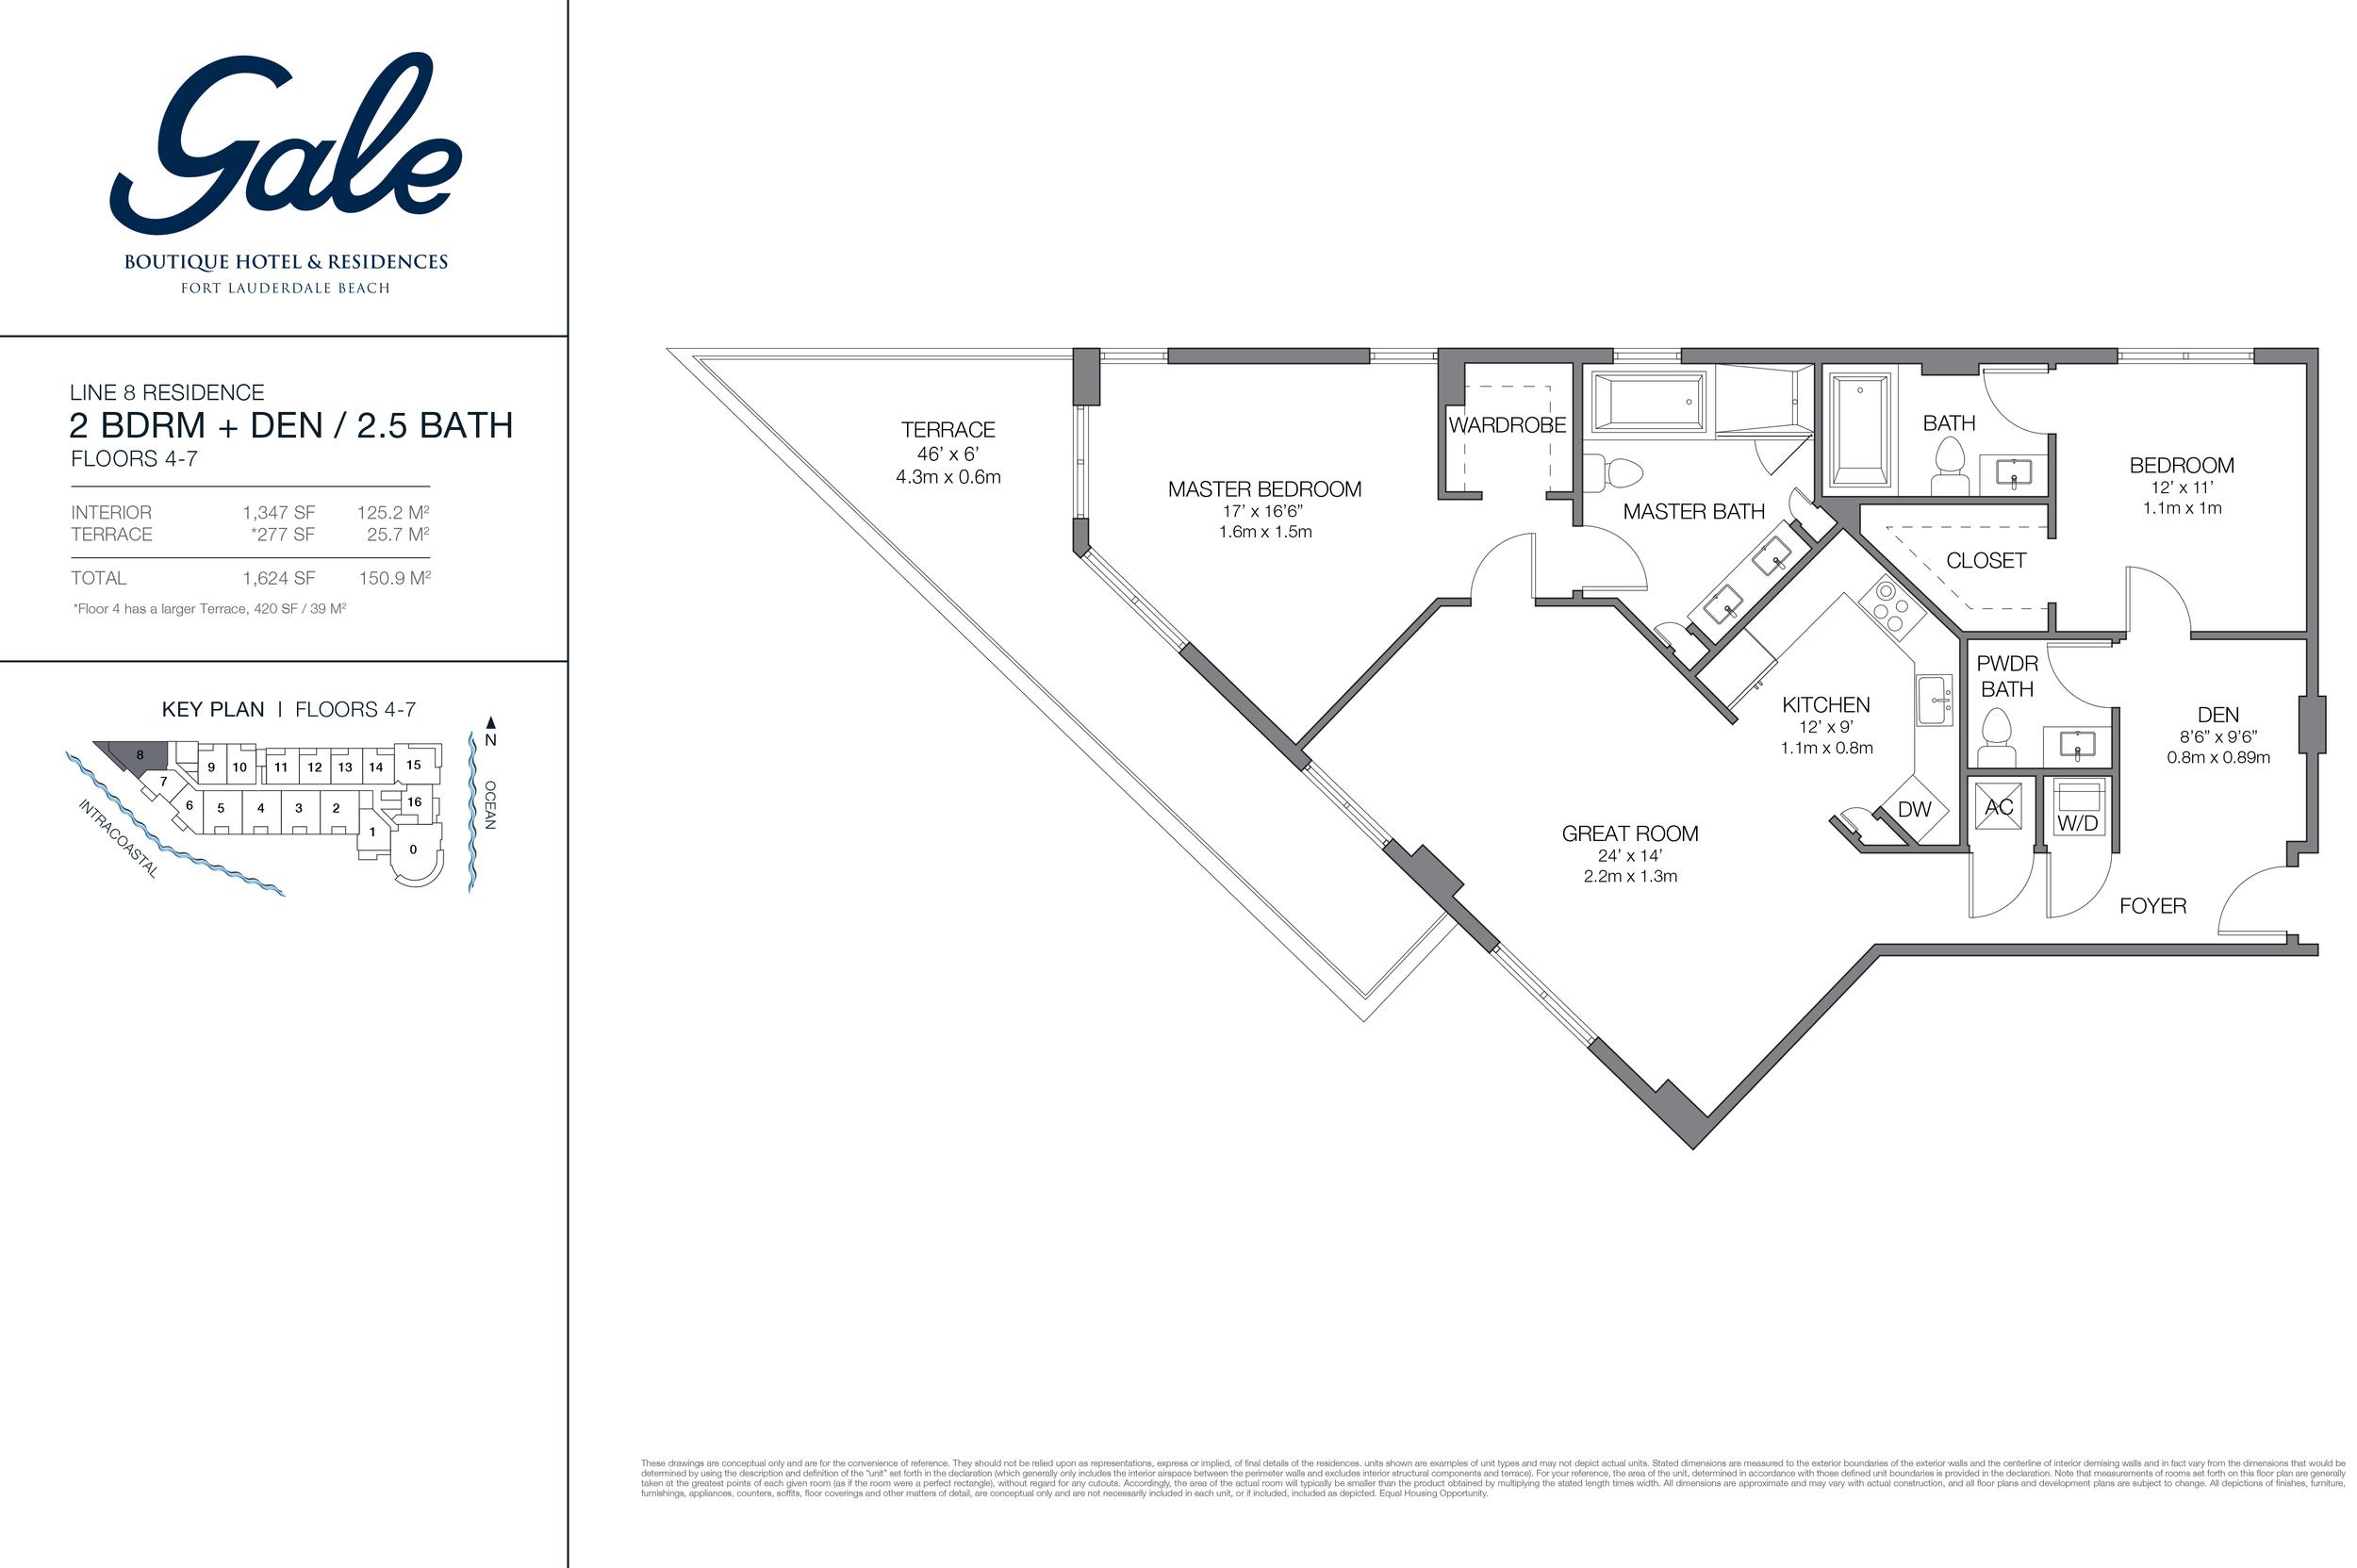 Gale Ft.Lauderdale Floor Plan Line 8